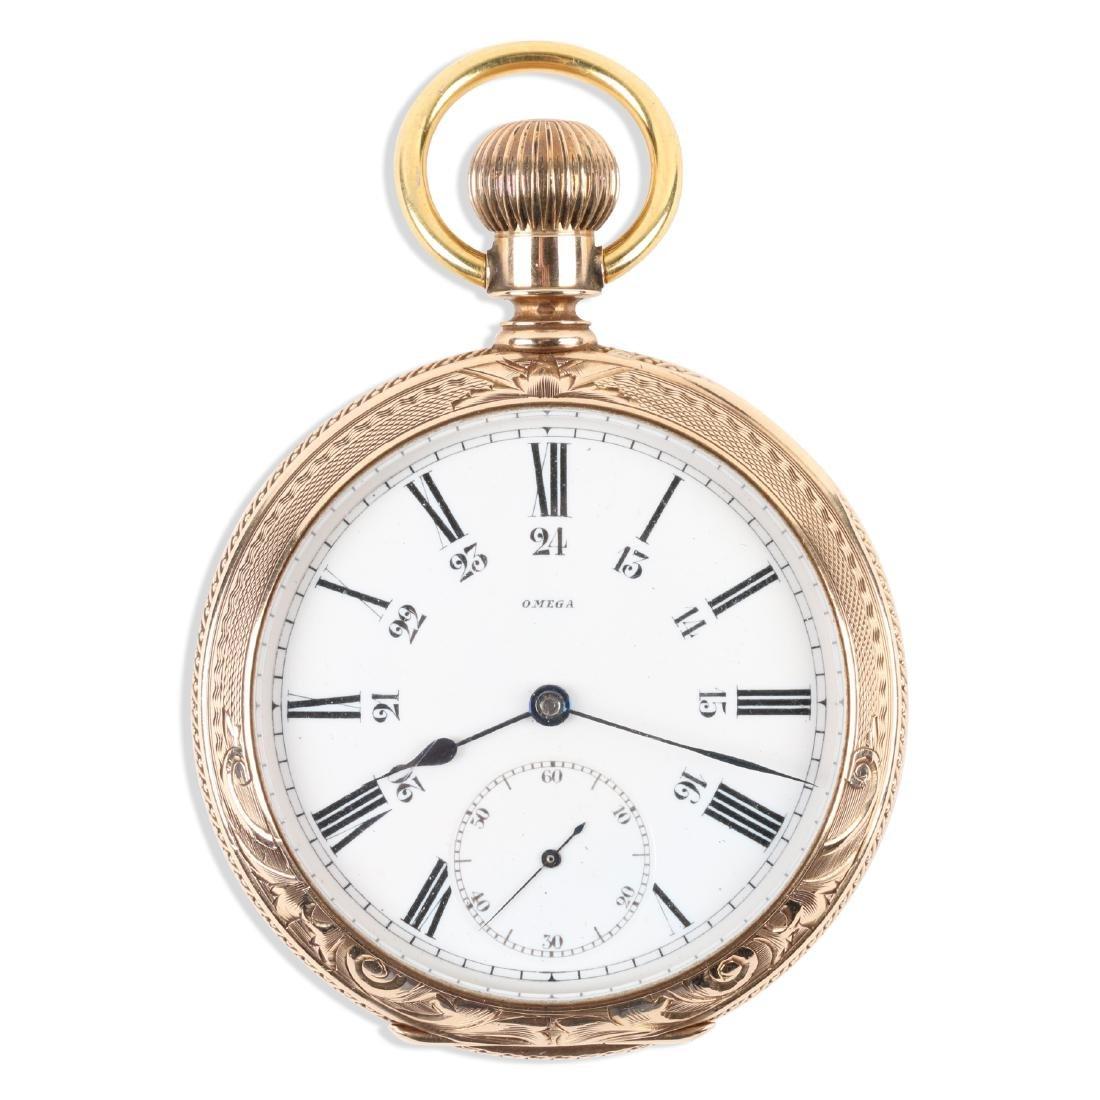 Omega, 14K Pocket Watch